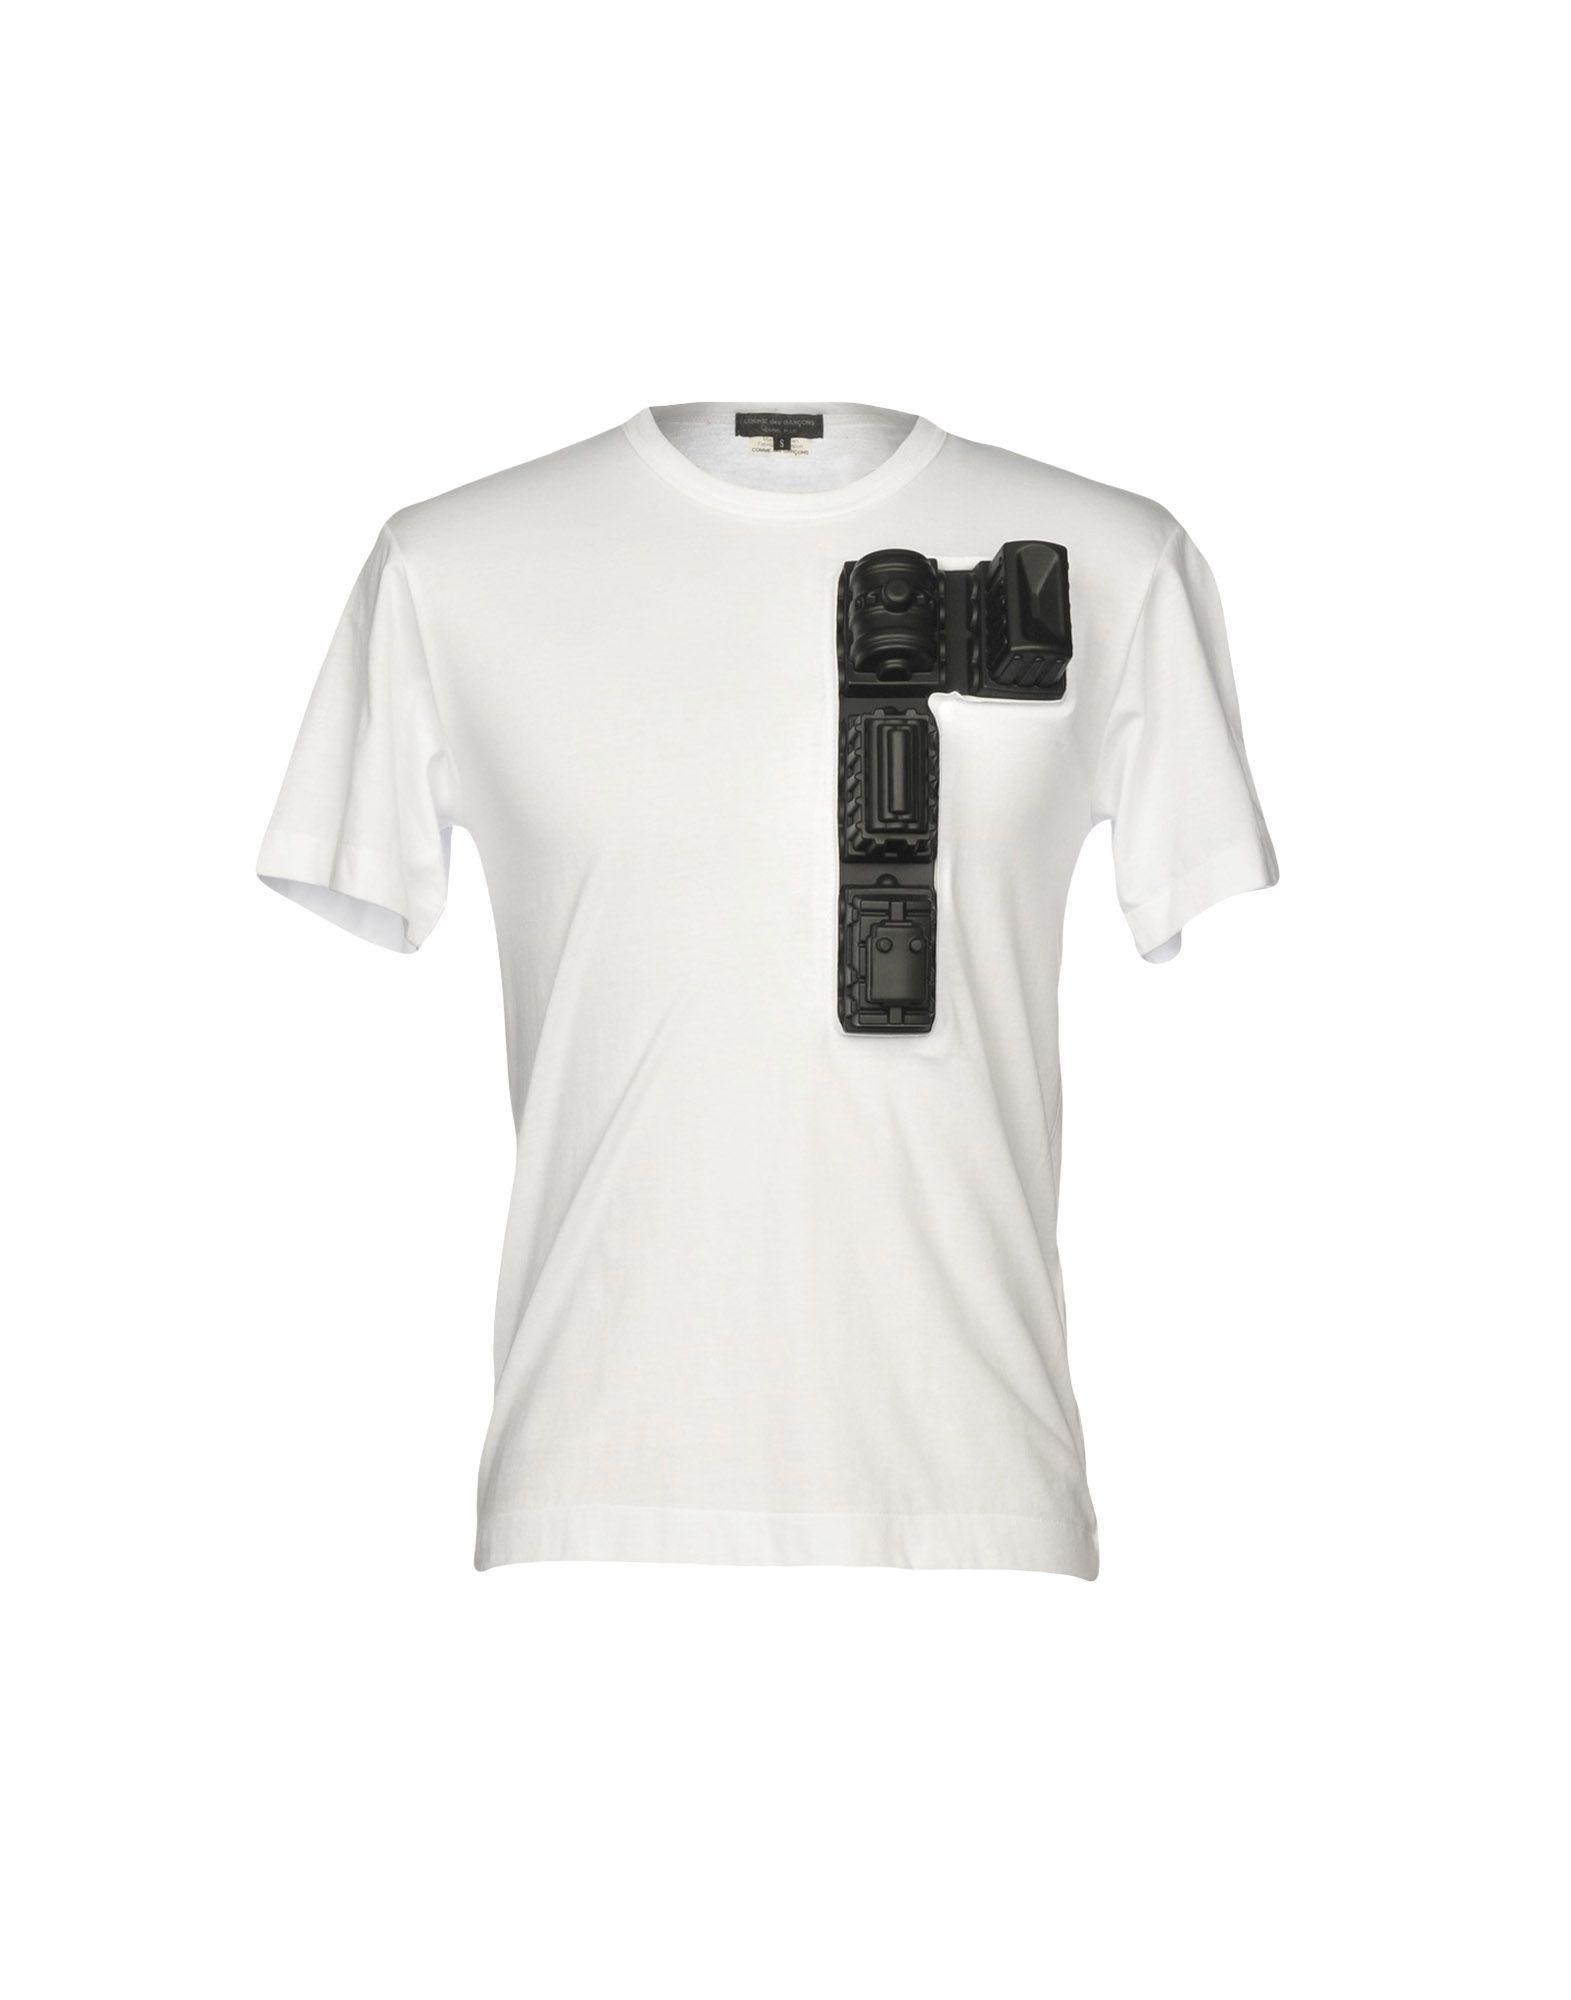 T-Shirt Des Comme Des T-Shirt Gar ons Homme Plus Uomo - 12190984VO 6e3084